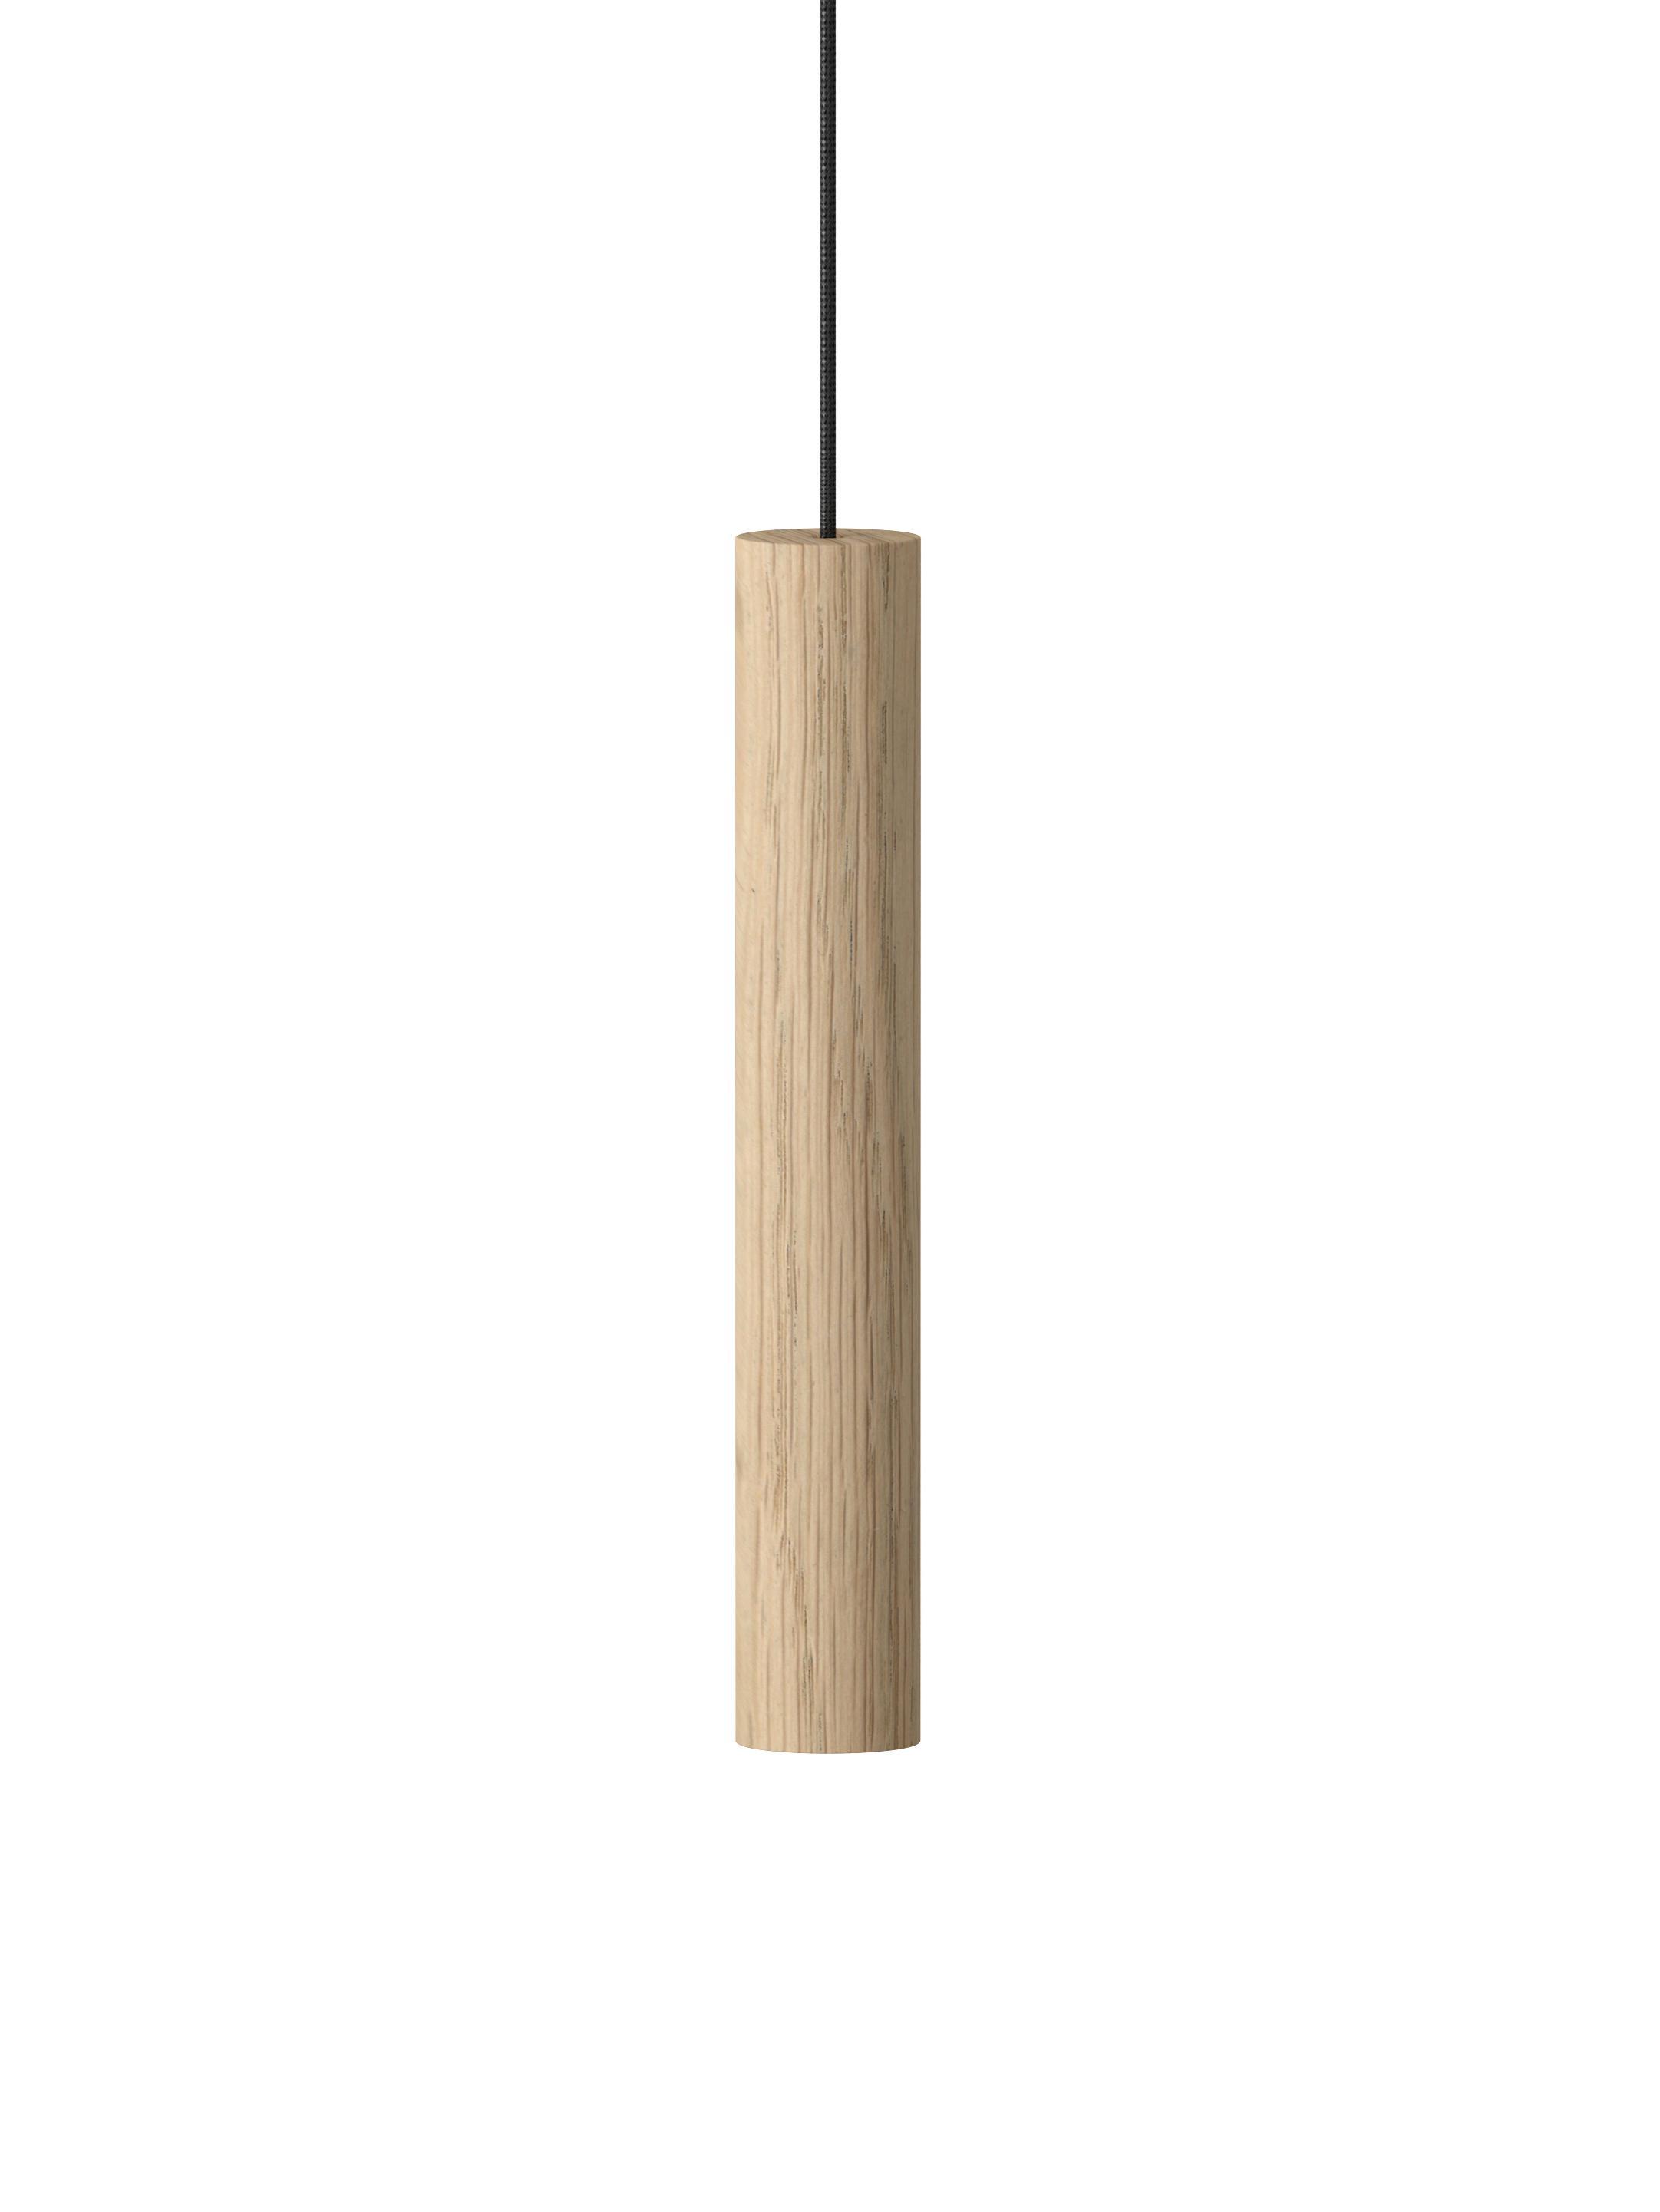 Lampada a sospensione a LED in quercia Chimes, Paralume: legno di quercia, Baldacchino: alluminio verniciato, Legno di quercia, Ø 4 x Alt. 22 cm